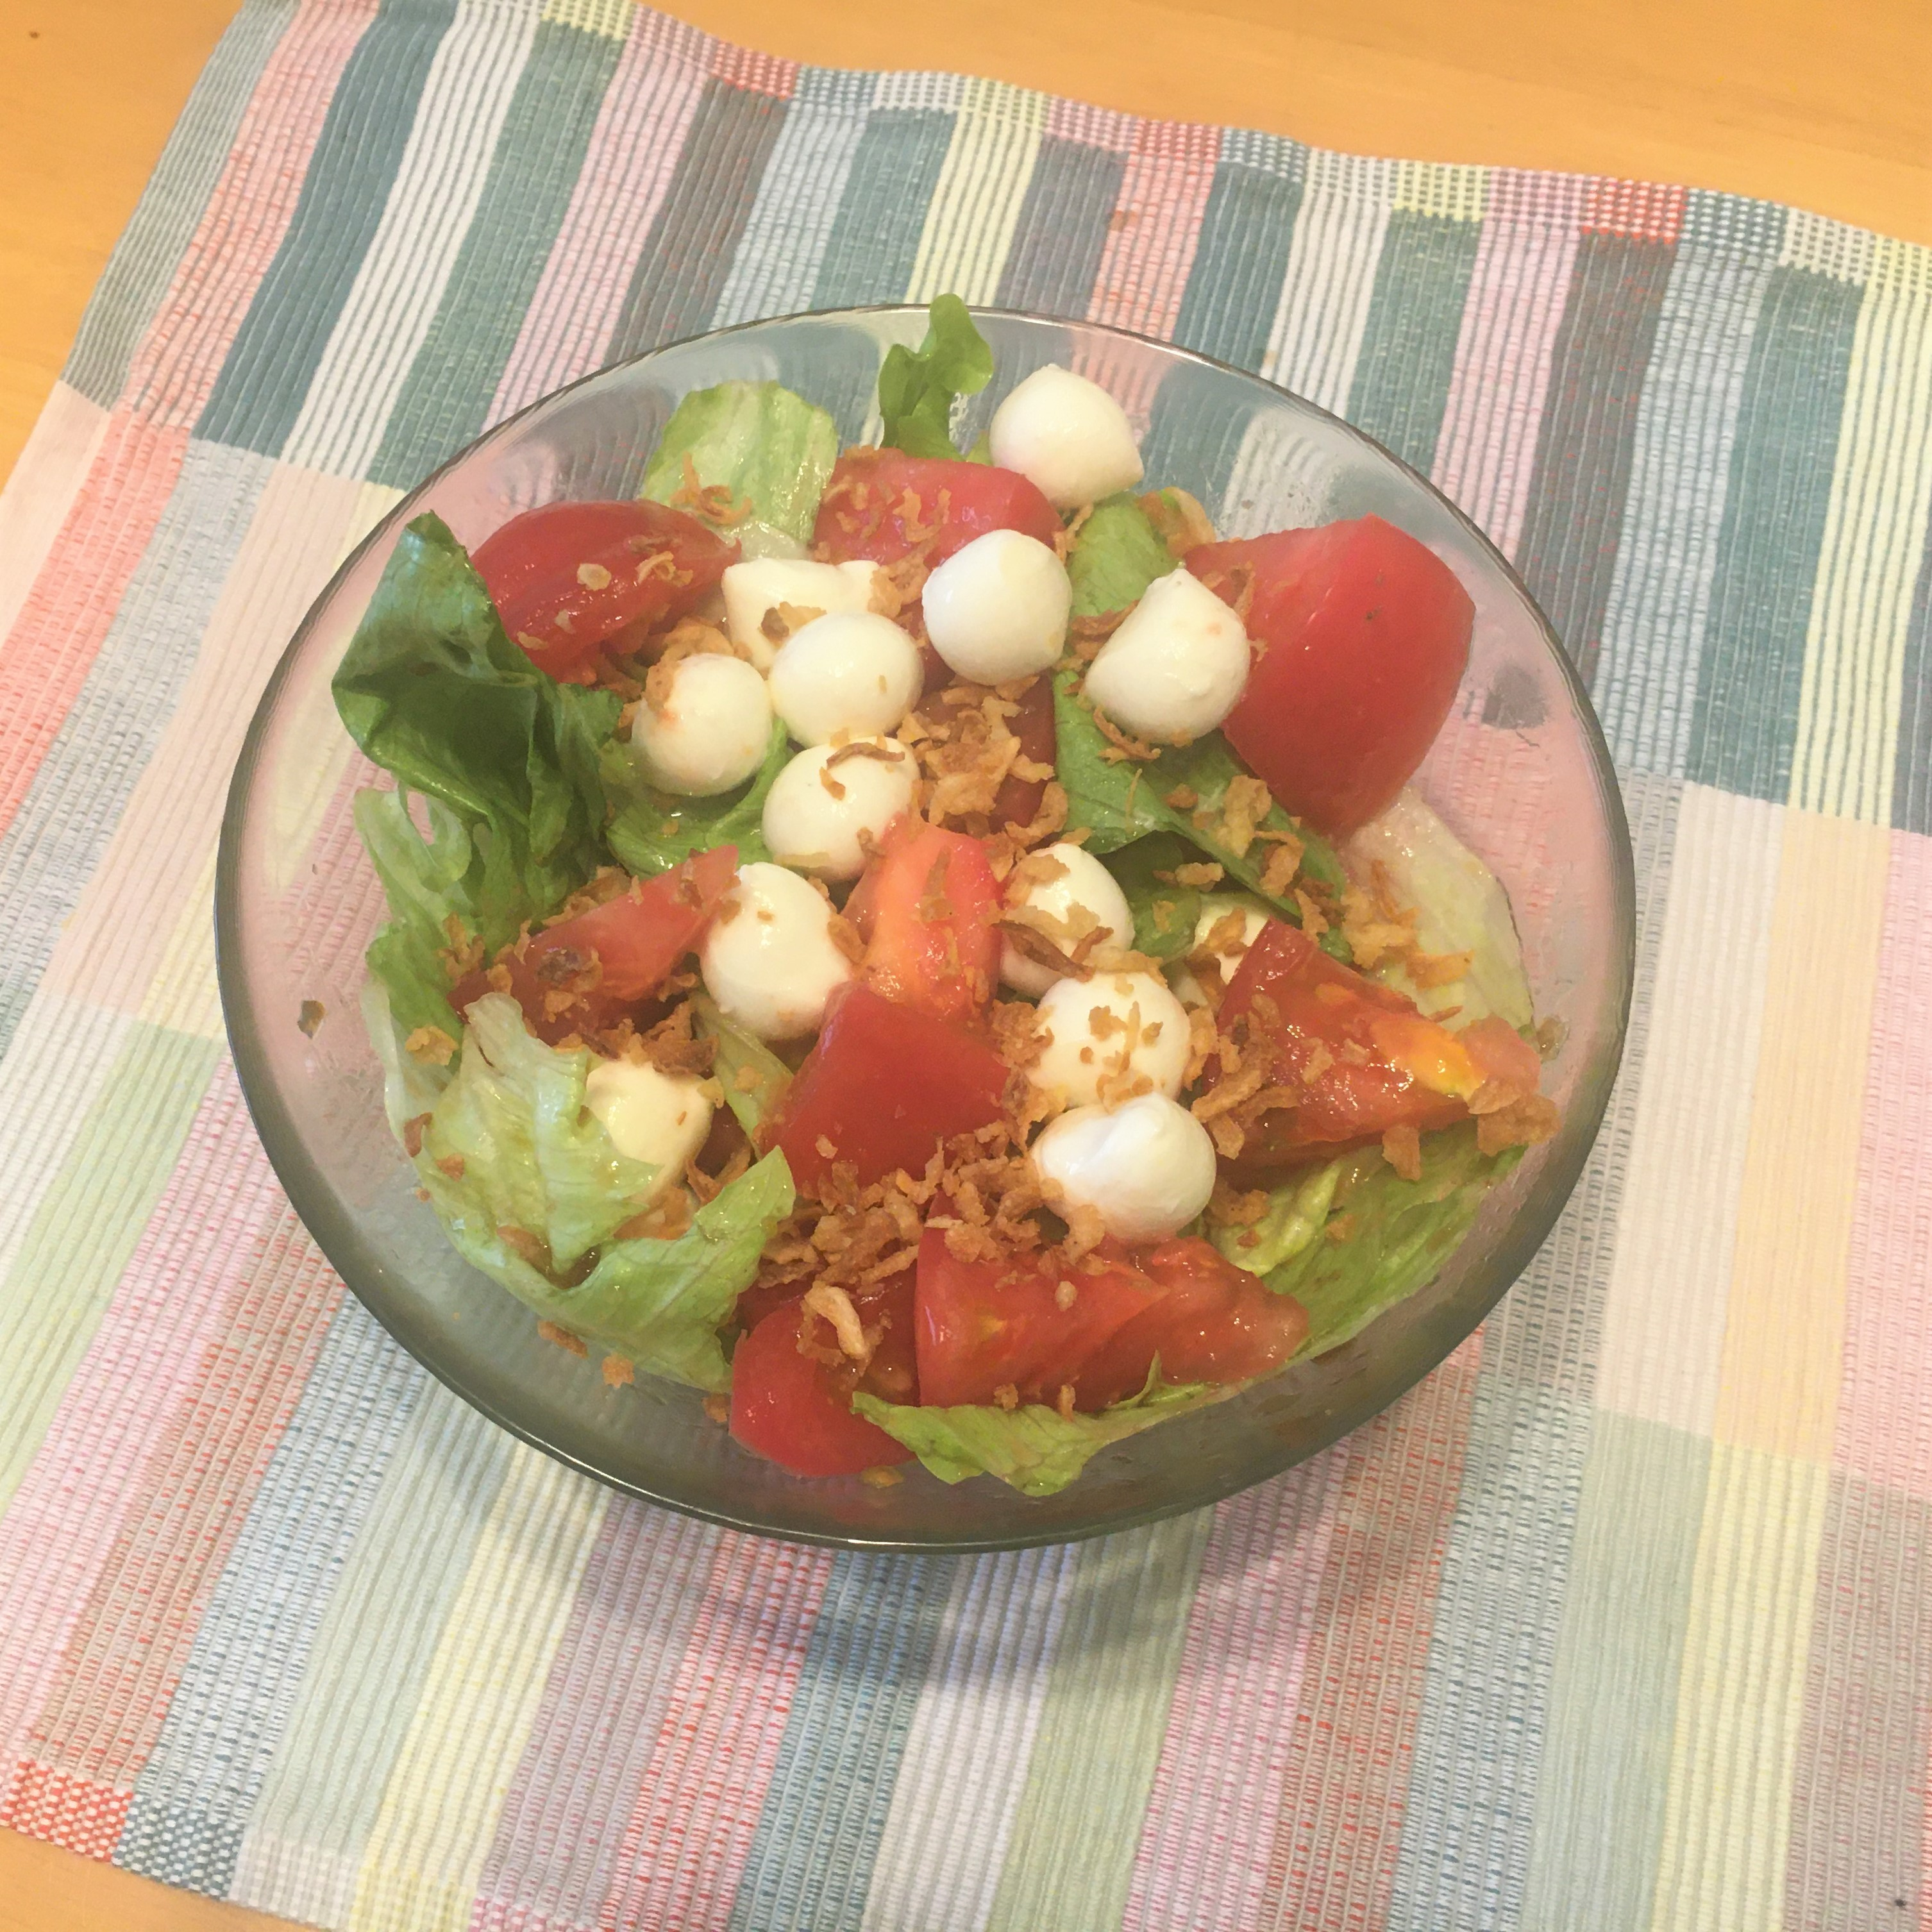 トマトを使ったサラダ